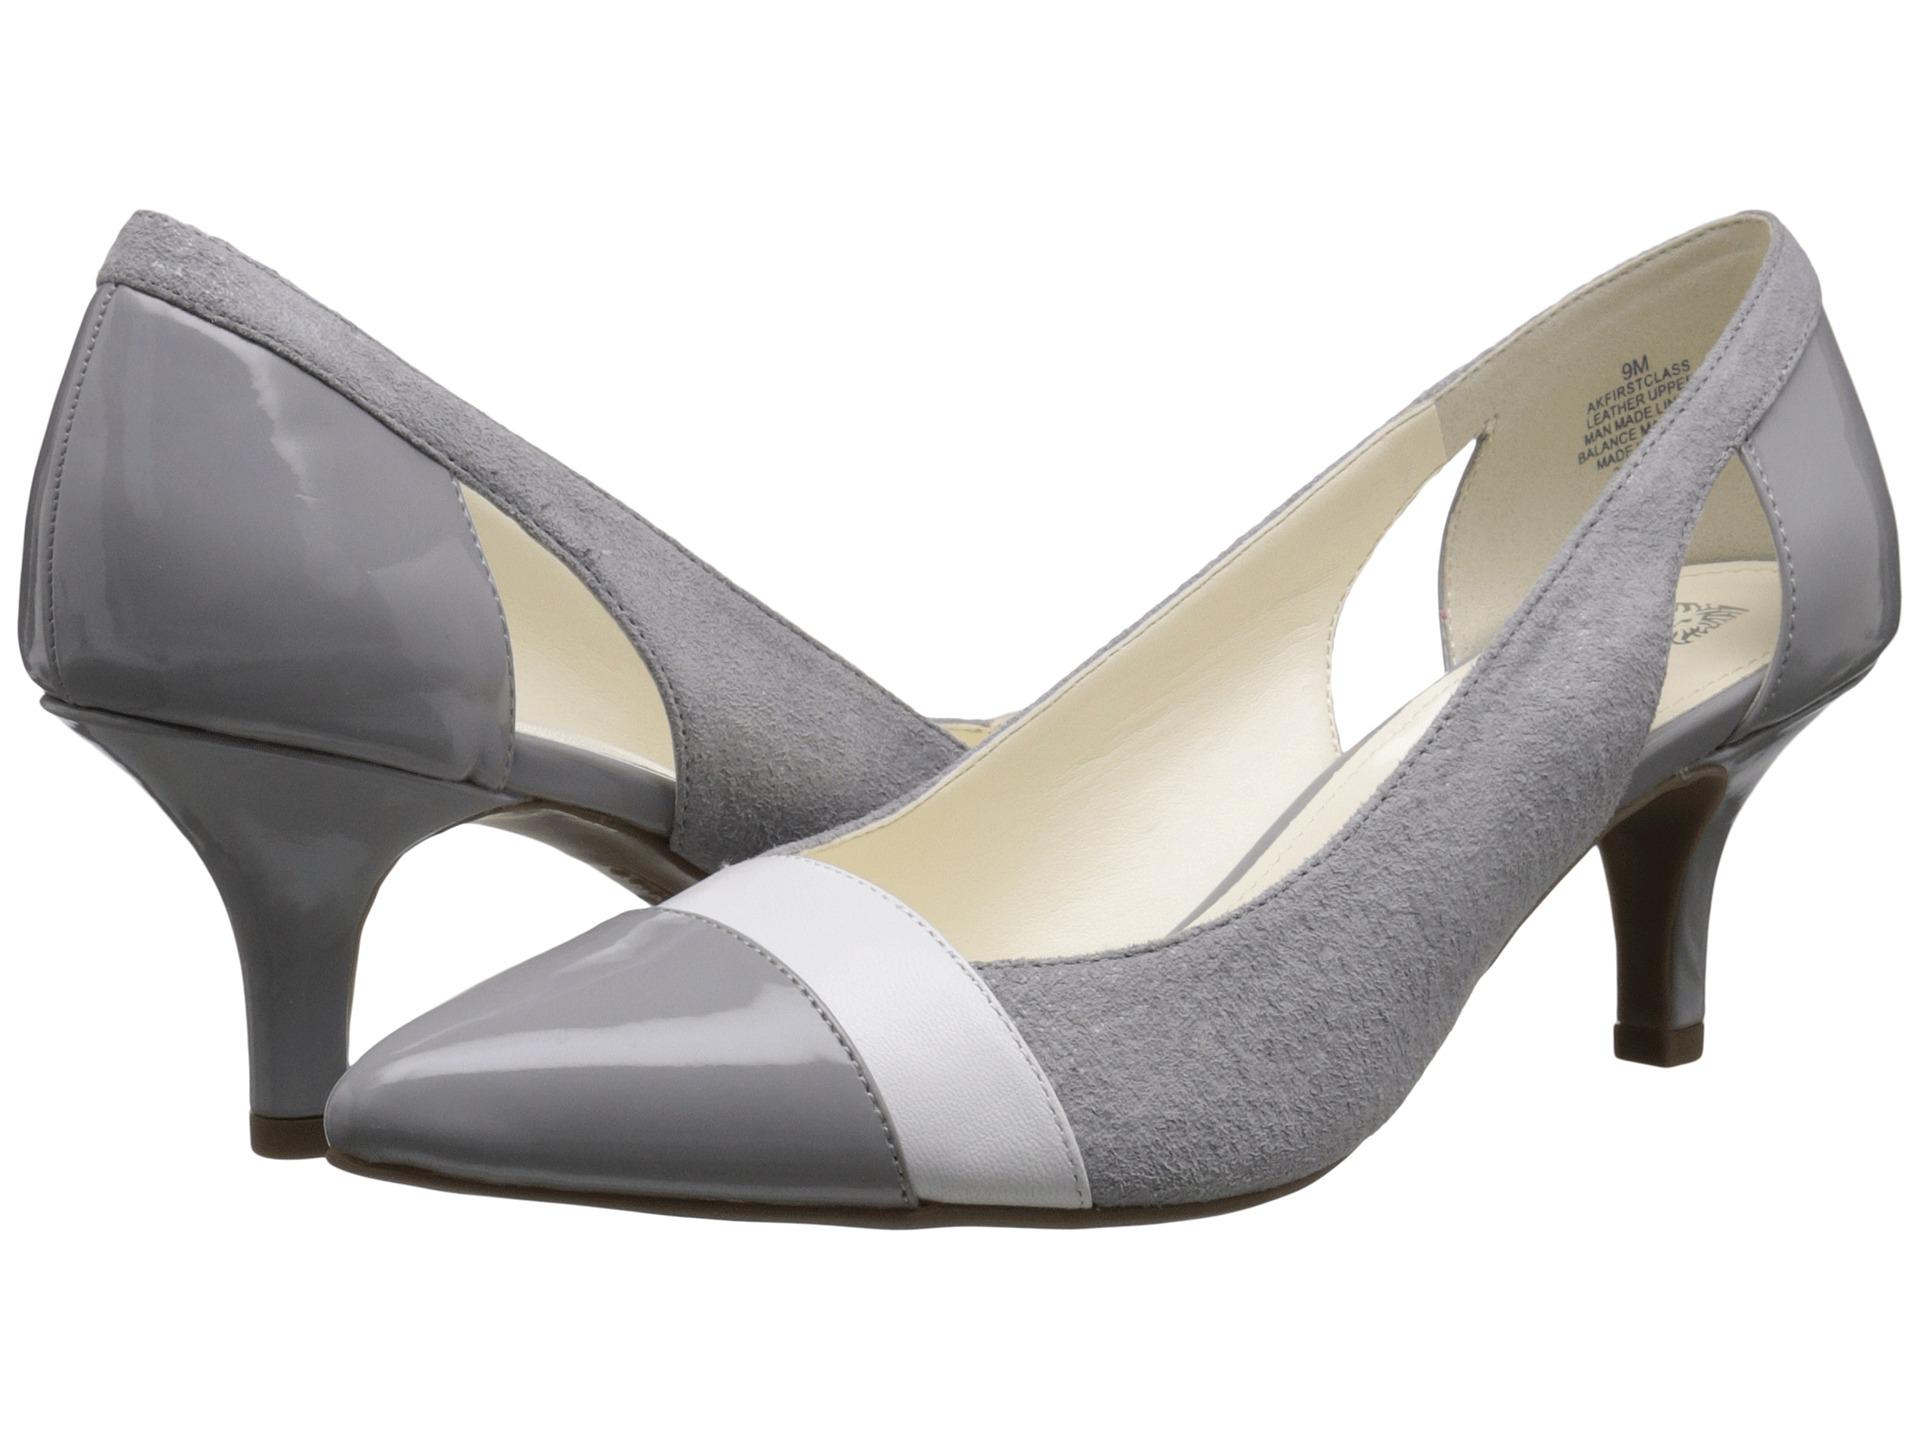 Accessory Report: Cap-Toe Shoes